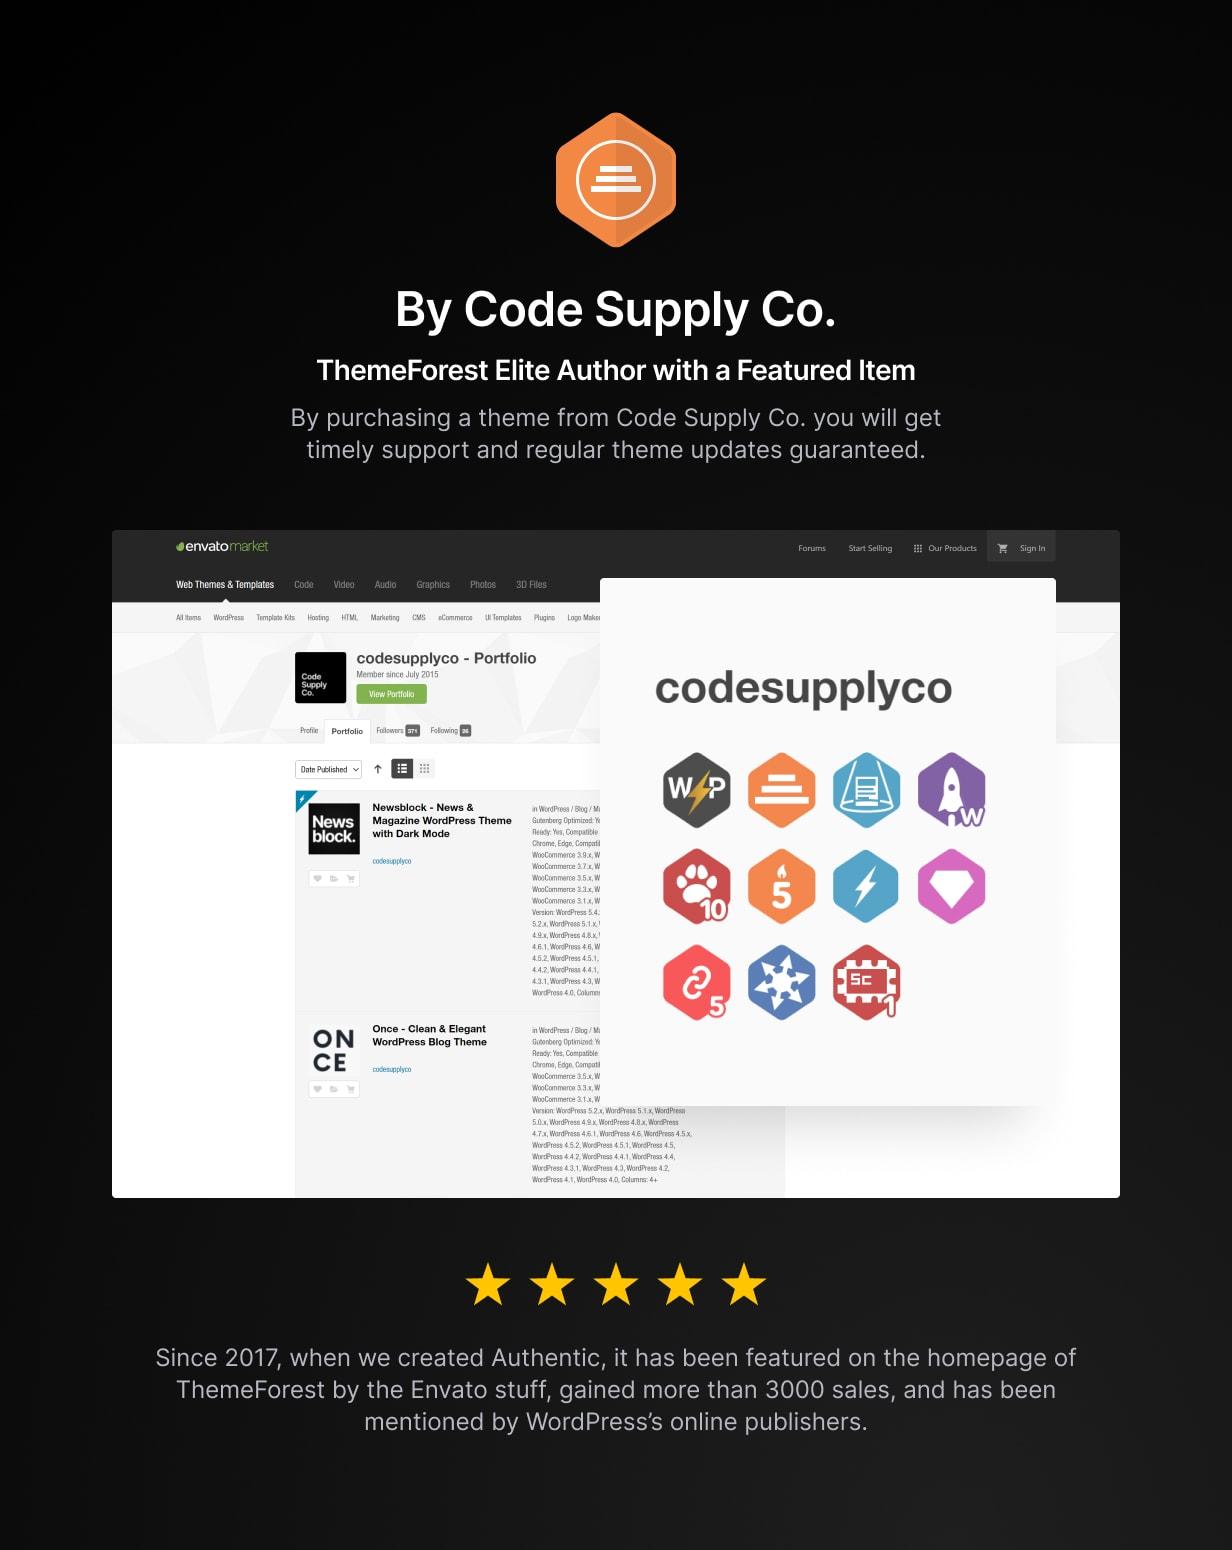 Newsblock - News & Magazine WordPress Theme with Dark Mode - 28